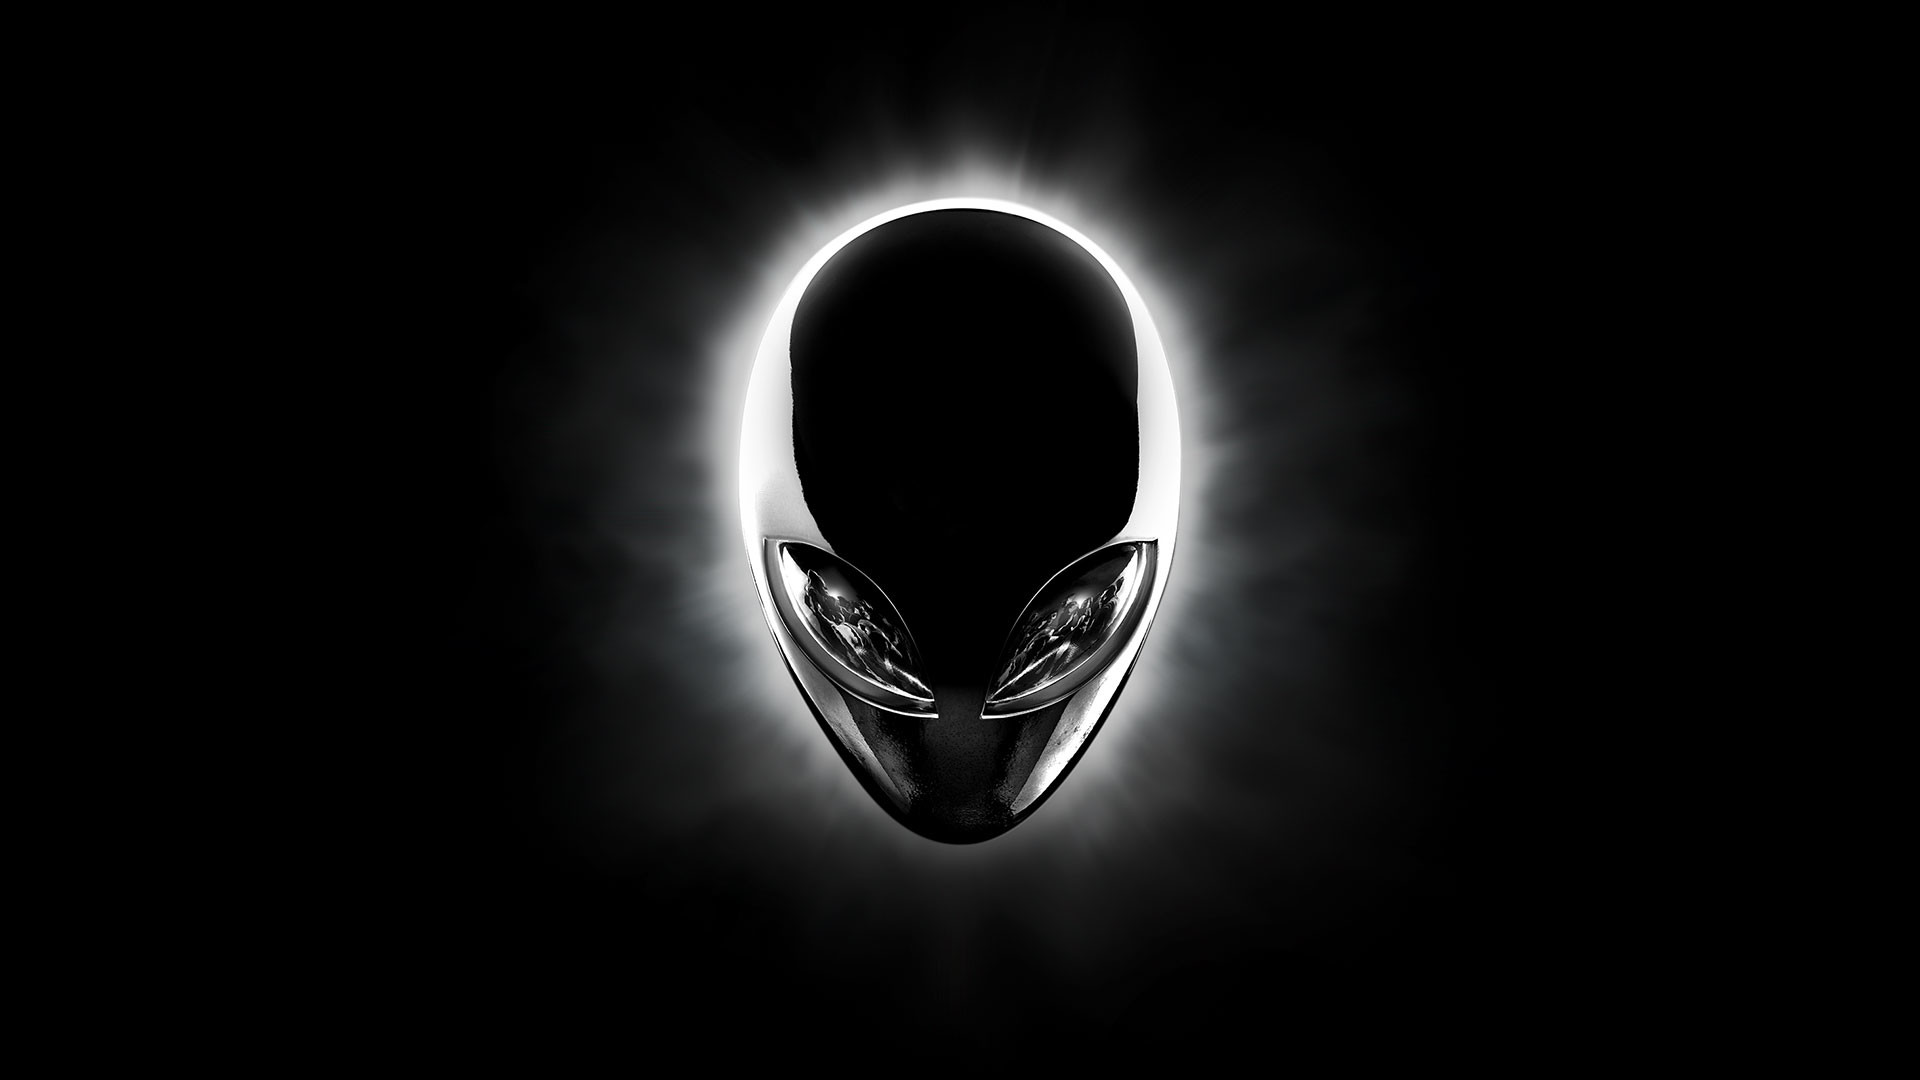 Alienware Wallpaper 1080p (70+ images)